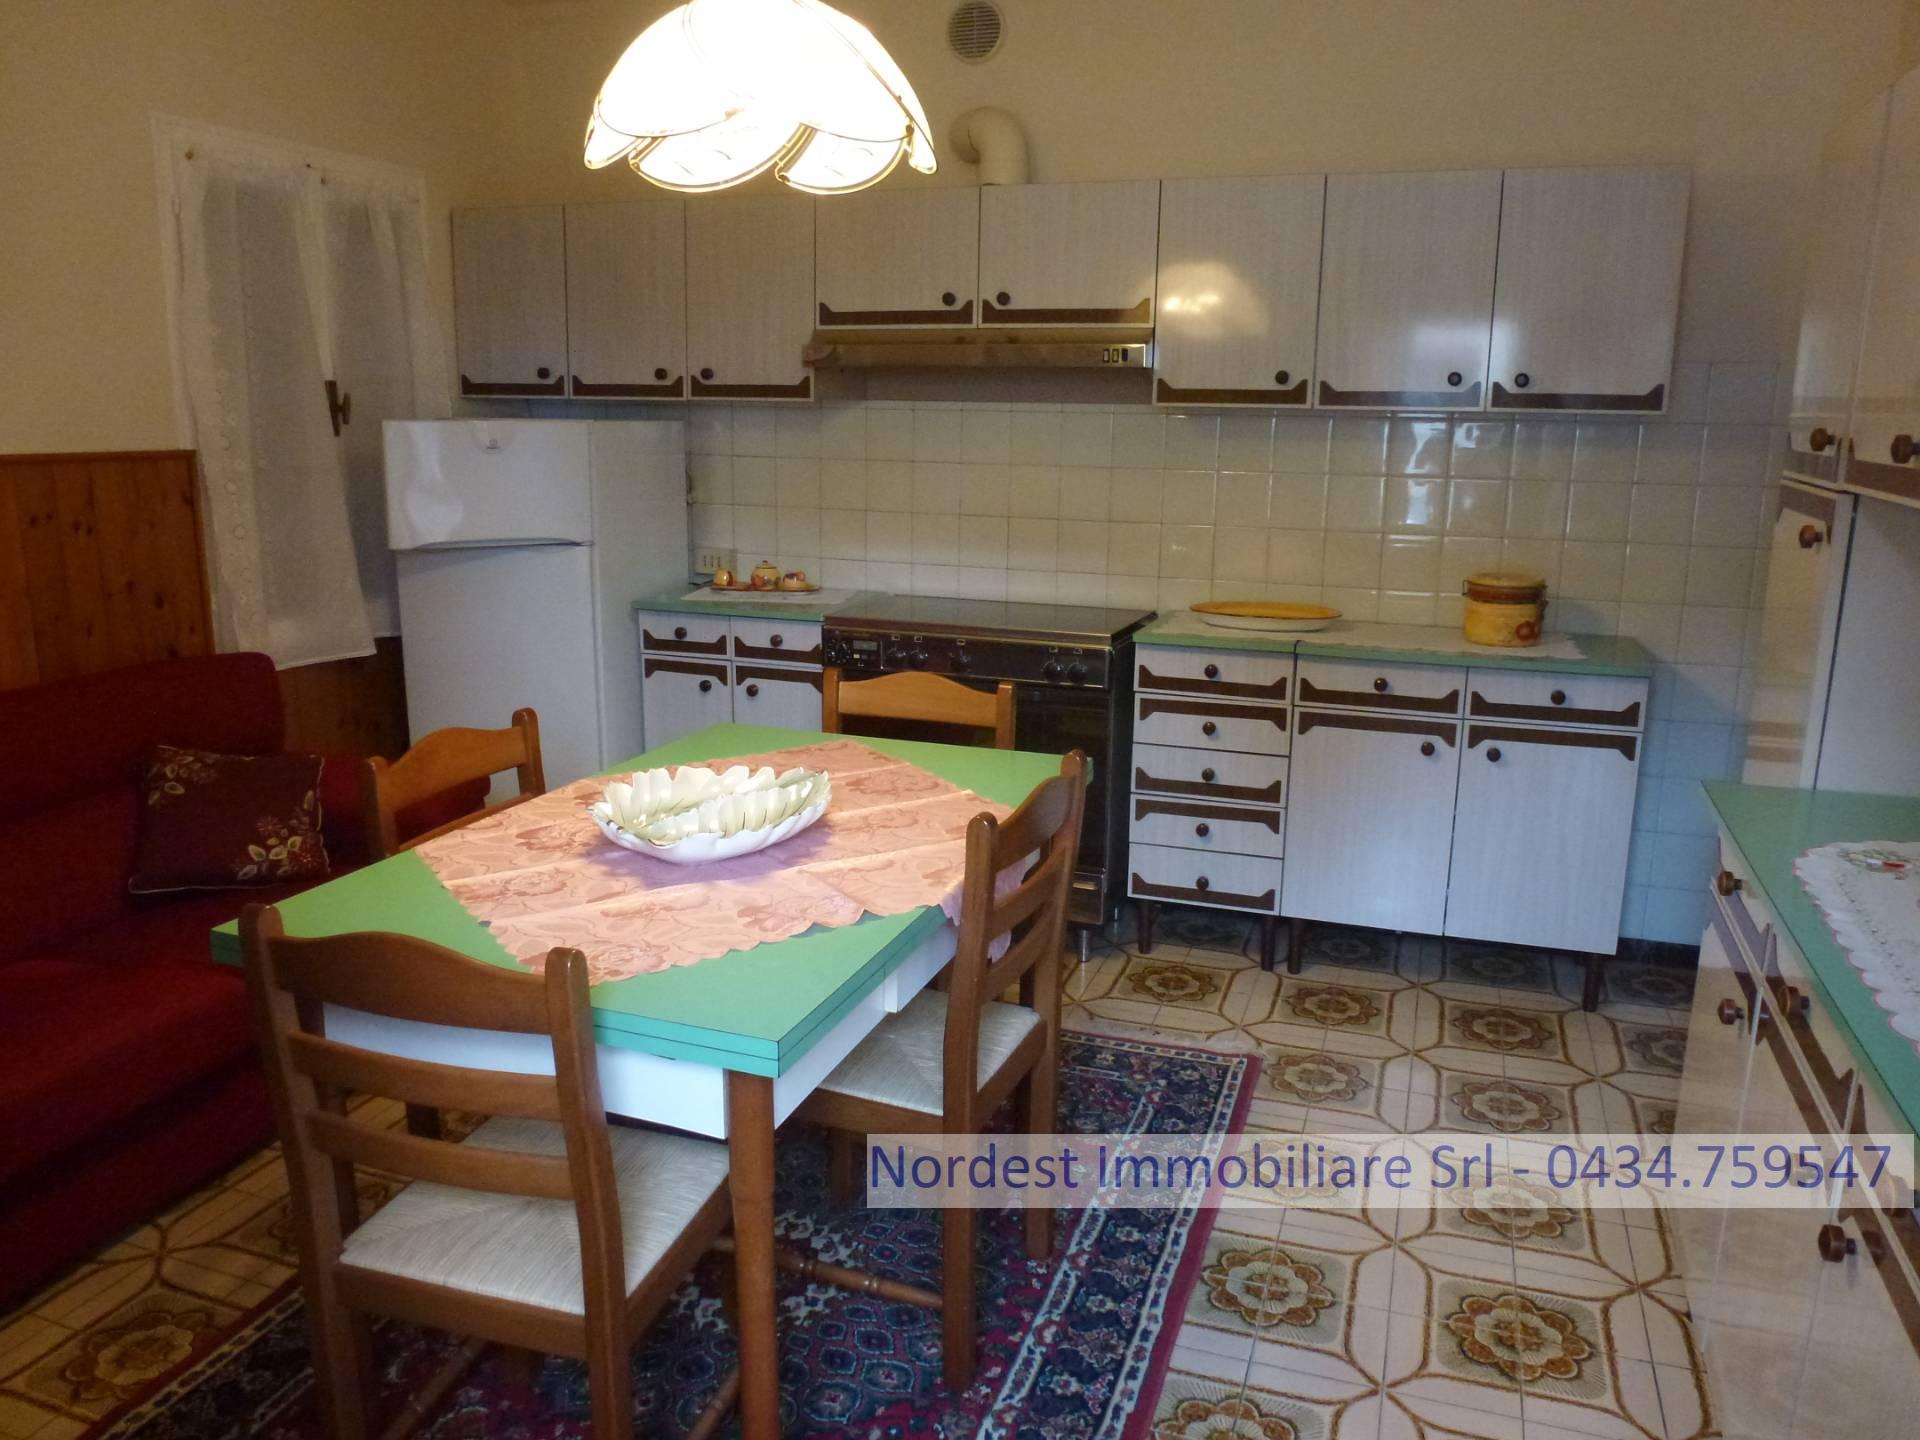 Soluzione Indipendente in affitto a Codognè, 9999 locali, prezzo € 520   CambioCasa.it